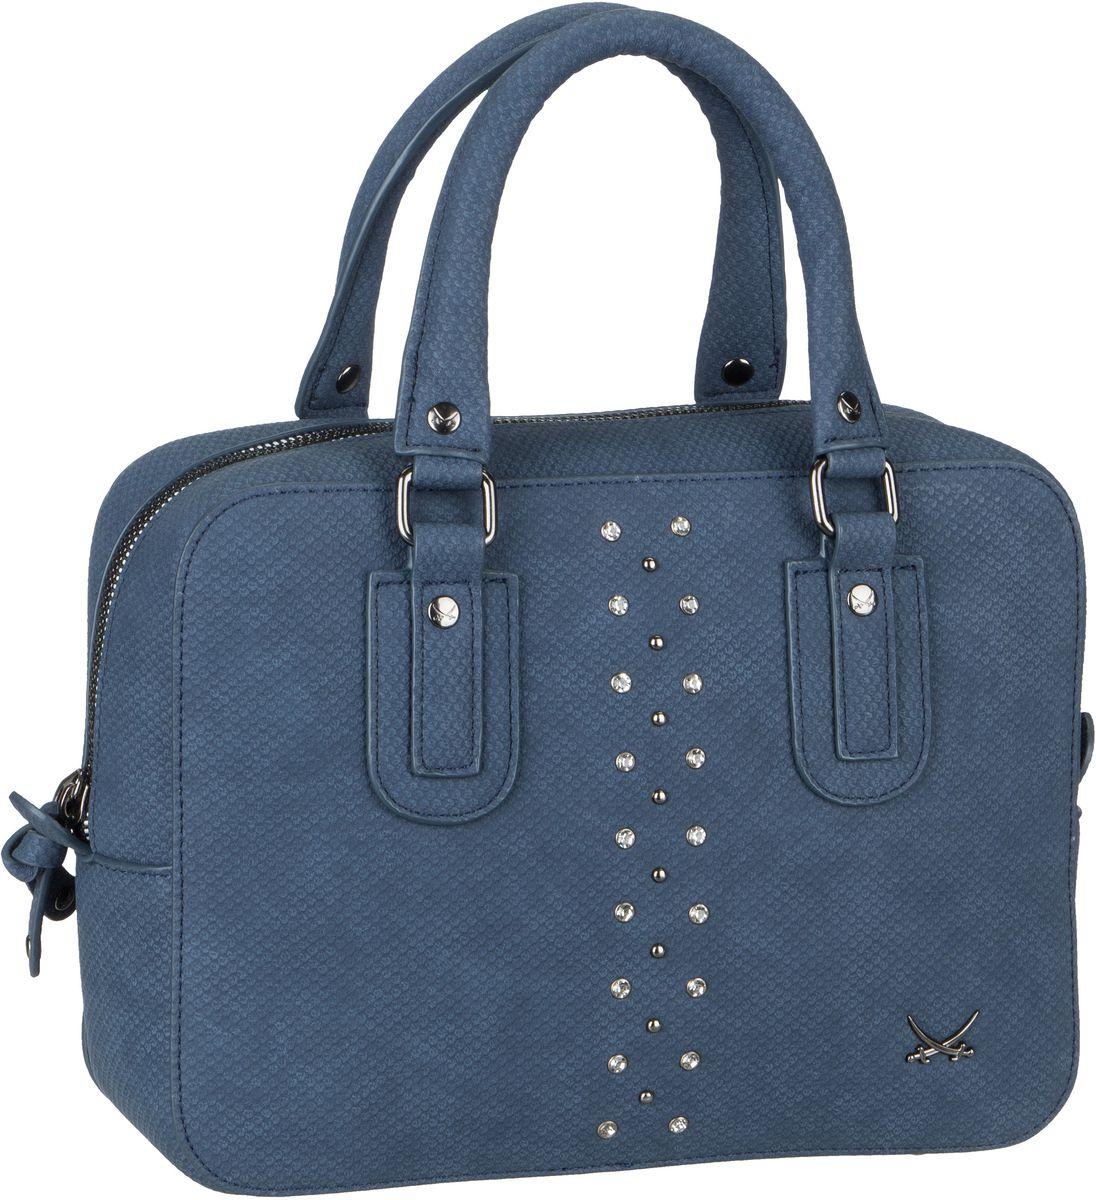 Handtasche Bowling Bag 1320 Midnight Blue